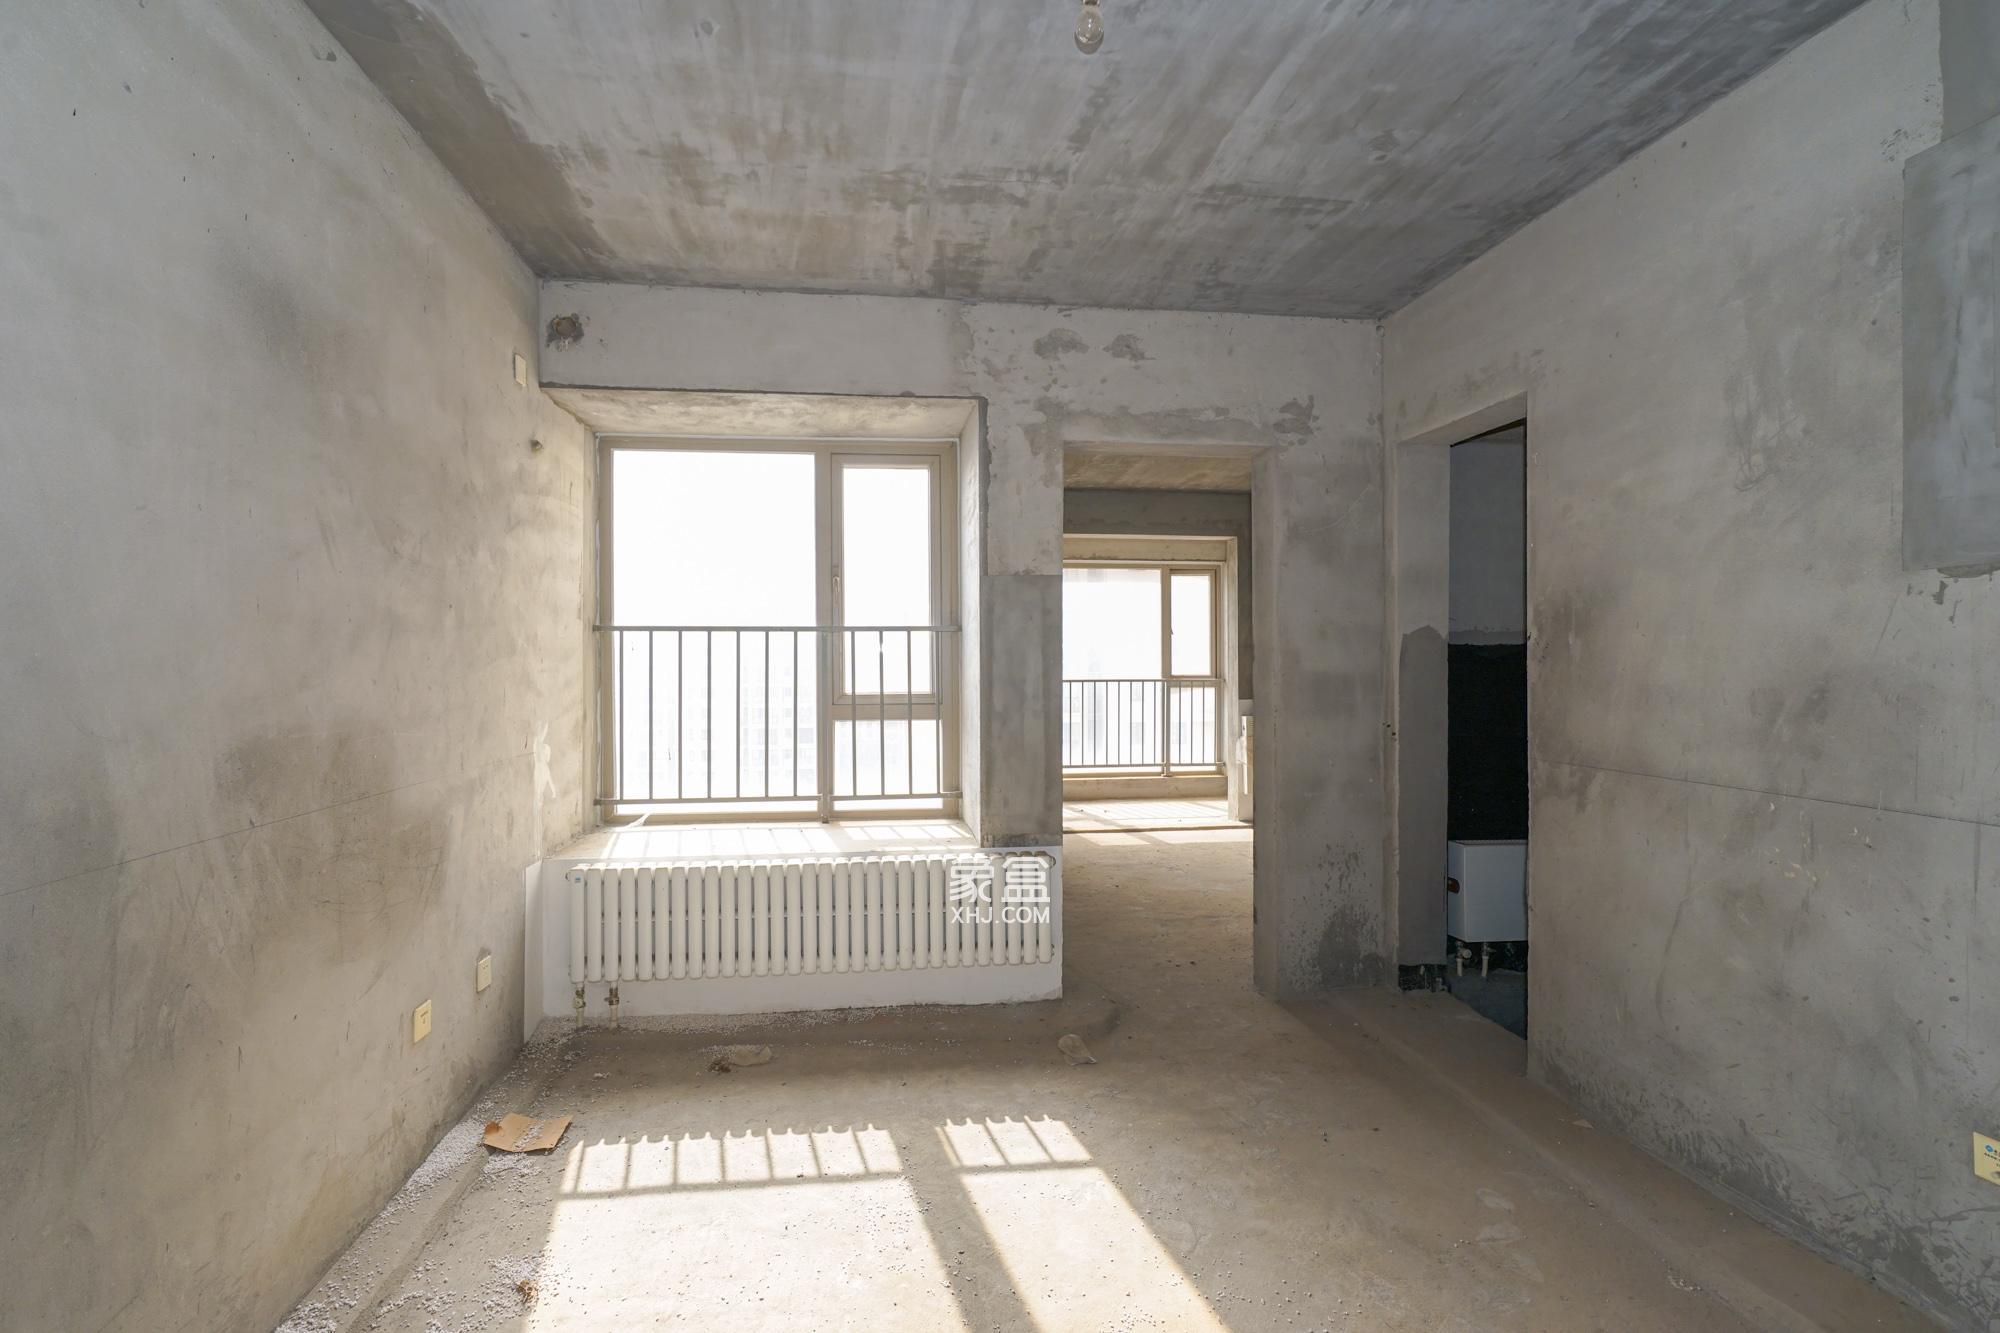 怡海星城115平三房,纯毛坯中间楼层,户型格局周正,随时看房